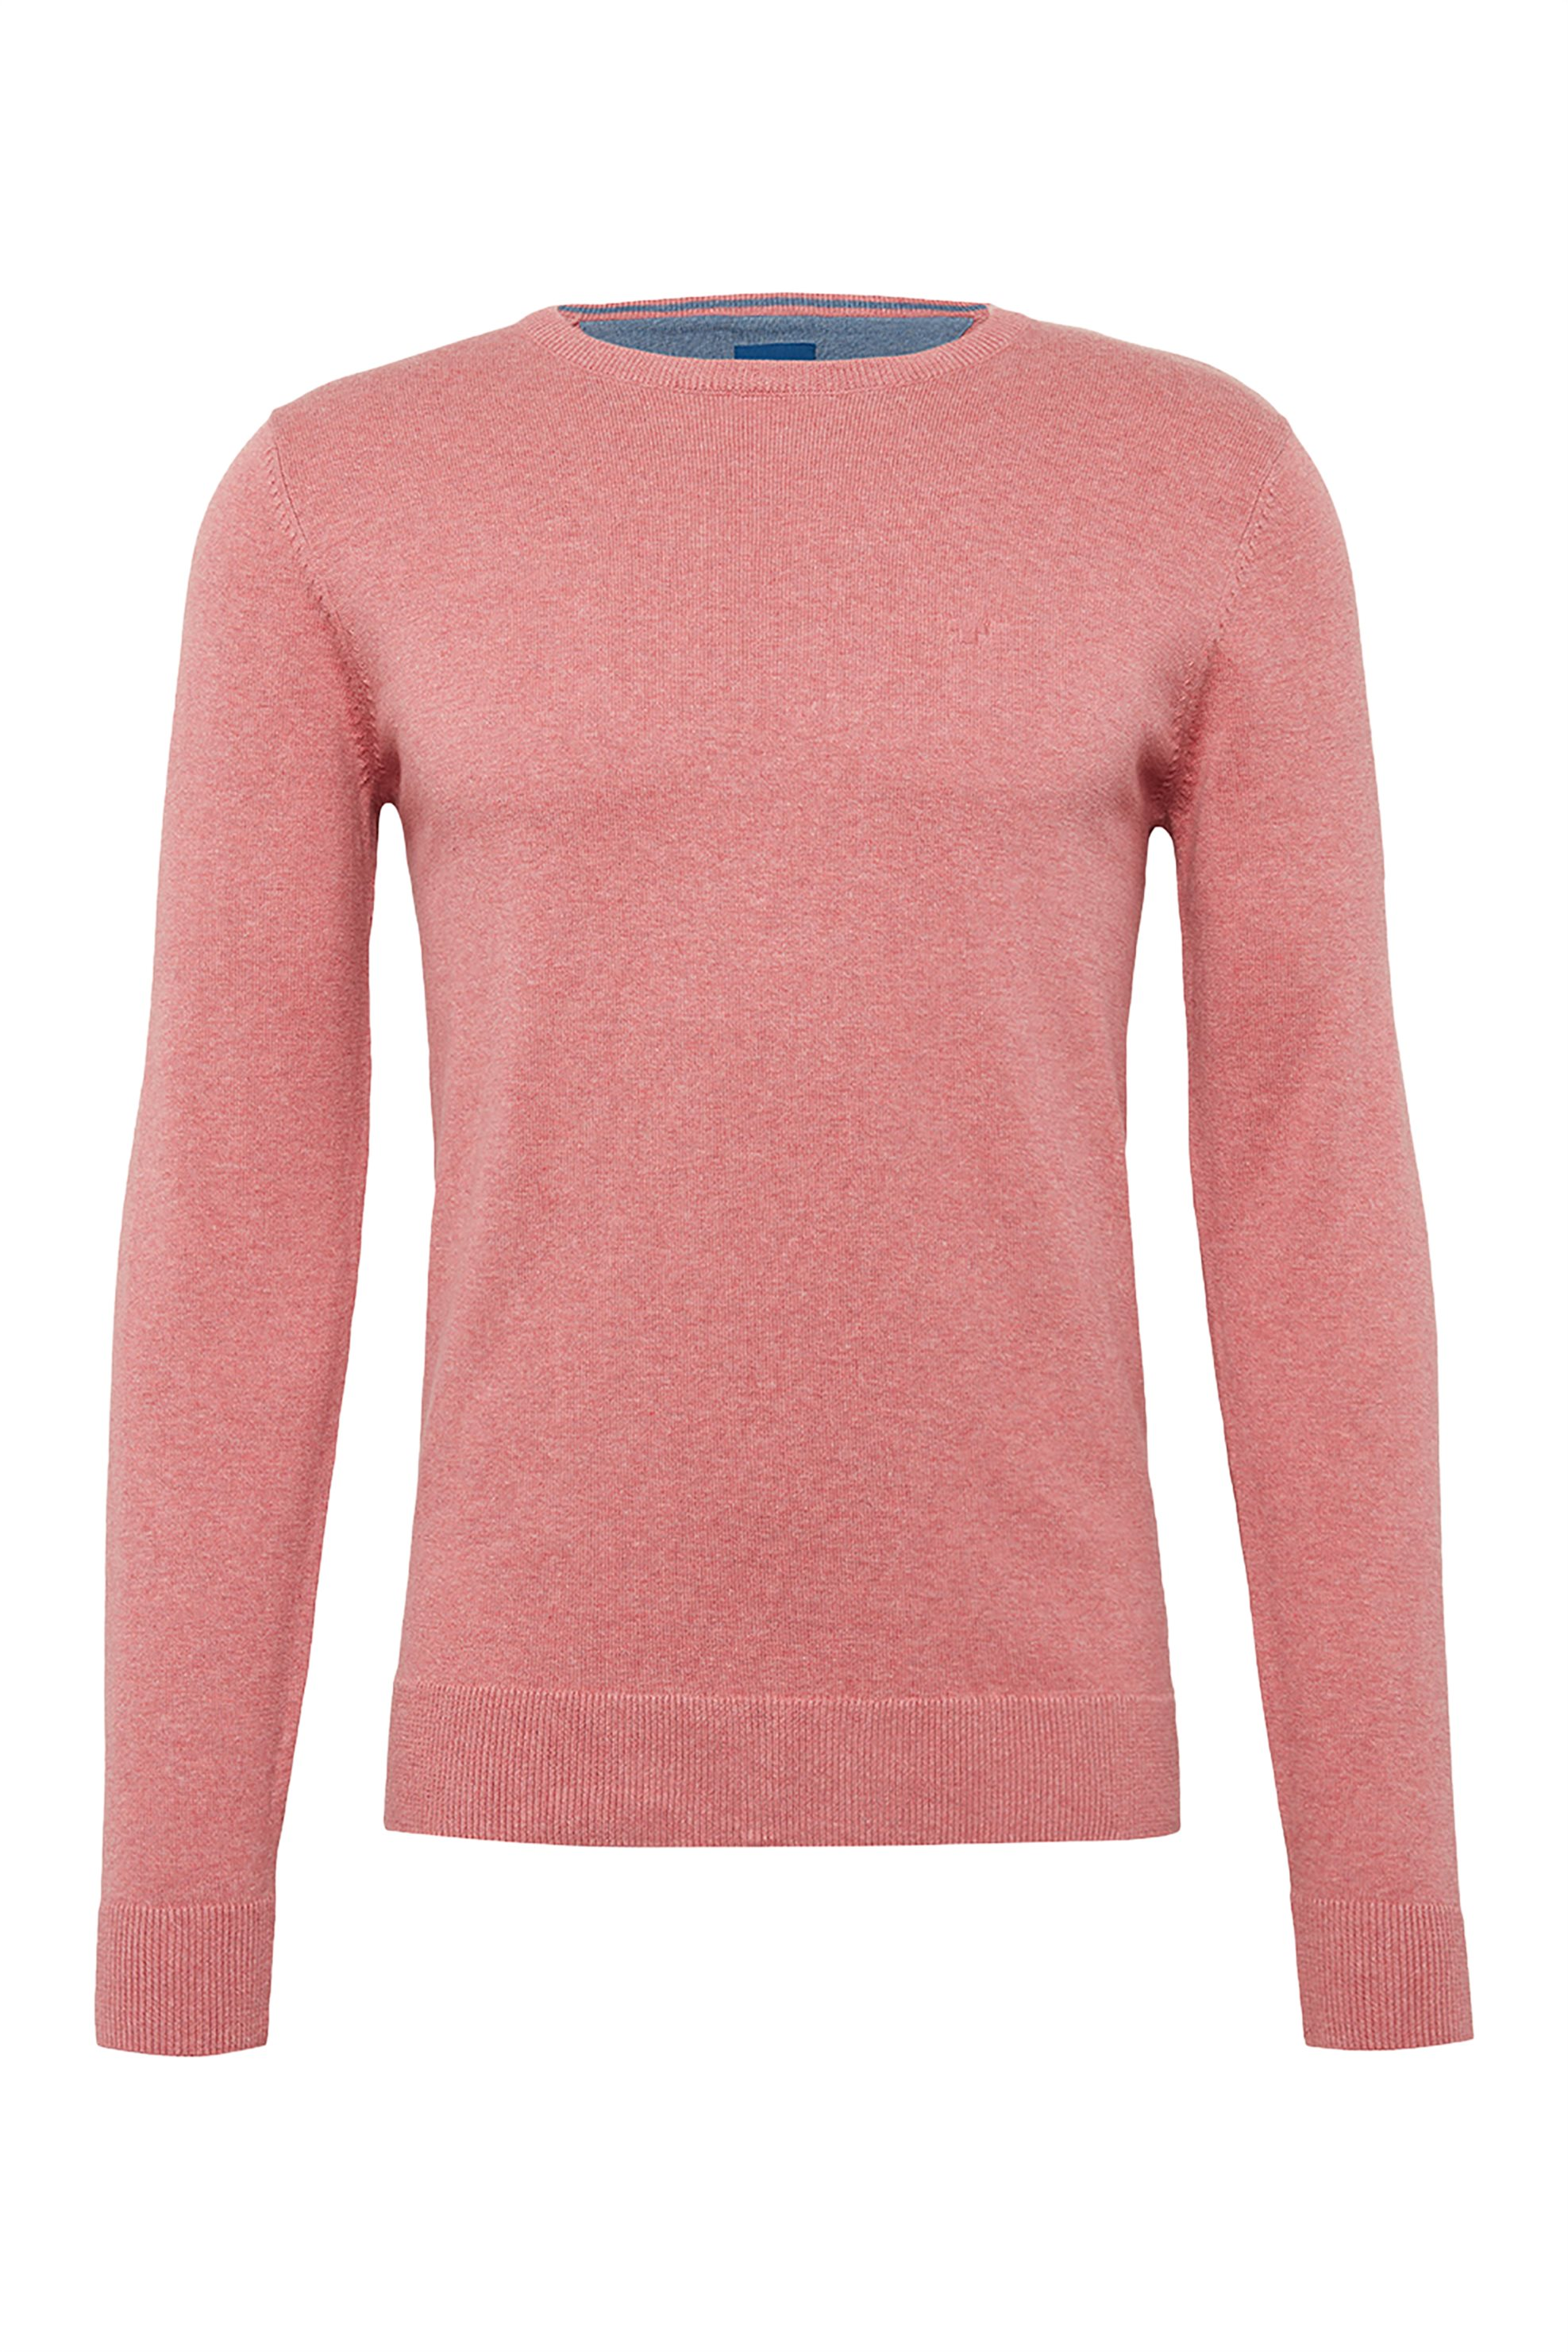 TOM TAILOR ανδρική πλεκτή μπλούζα μονόχρωμη - 1009026 - Κοραλί ανδρασ   ρουχα   πλεκτά   πουλόβερ